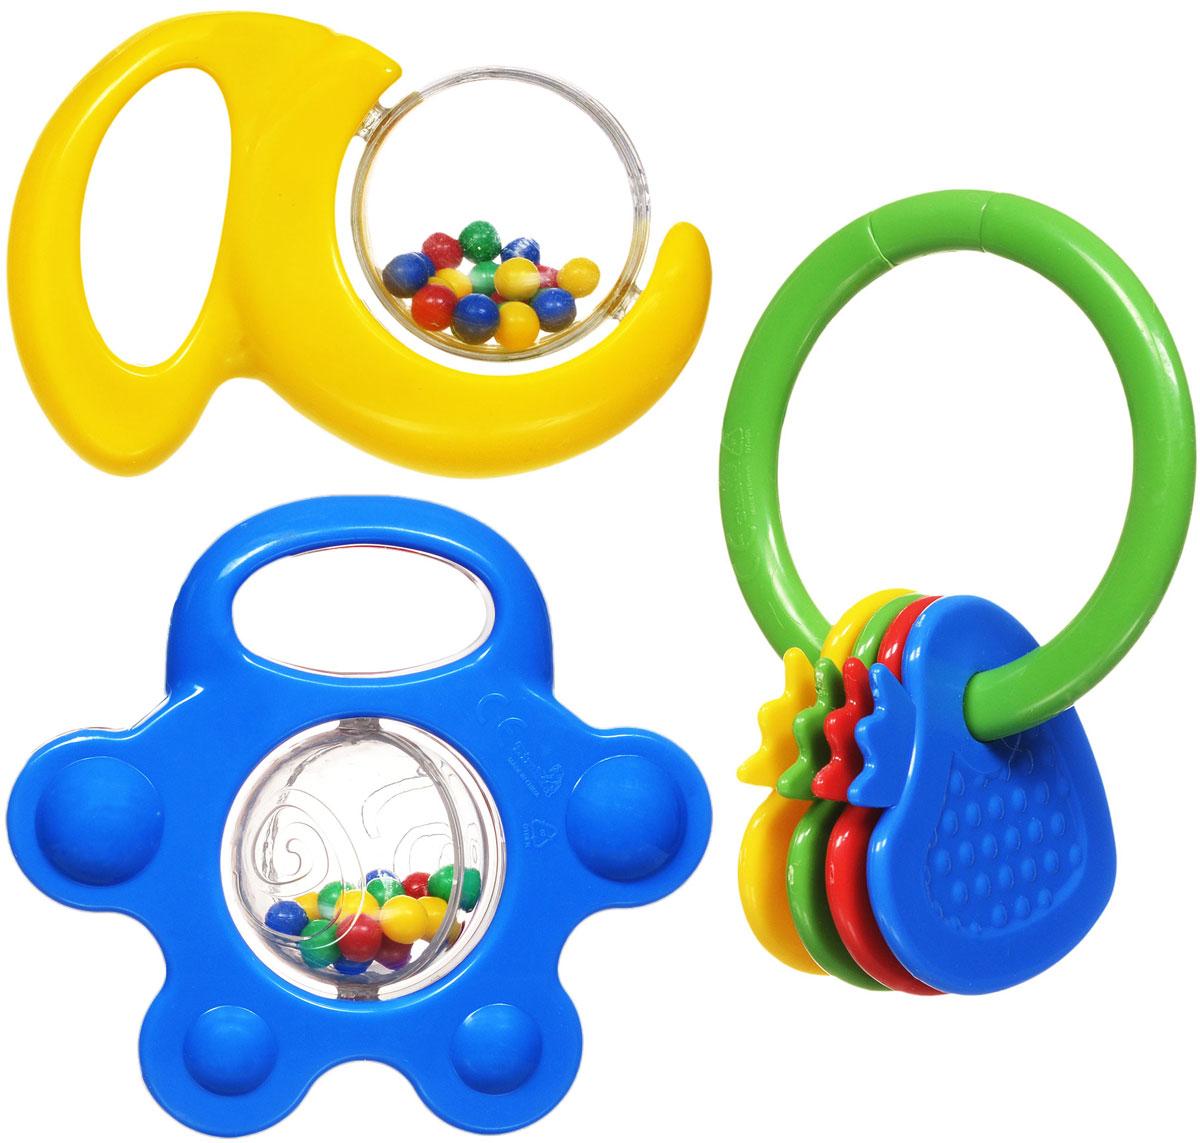 Simba Набор погремушек 3 шт4011072Набор погремушек включает в себя три погремушки разной формы, выполненные из яркого пластика. Гремящие шарики внутри двух игрушек играют роль погремушки. Третья игрушка представляет собой кольцо с нанизанными на него элементами, в форме клубничек. Игра с погремушкой поможет малышу развить слуховое и цветовое восприятия, мелкую моторику рук и концентрацию внимания, а также стимулирует взаимодействие между органами осязания, слухом и зрением и учит различать формы.